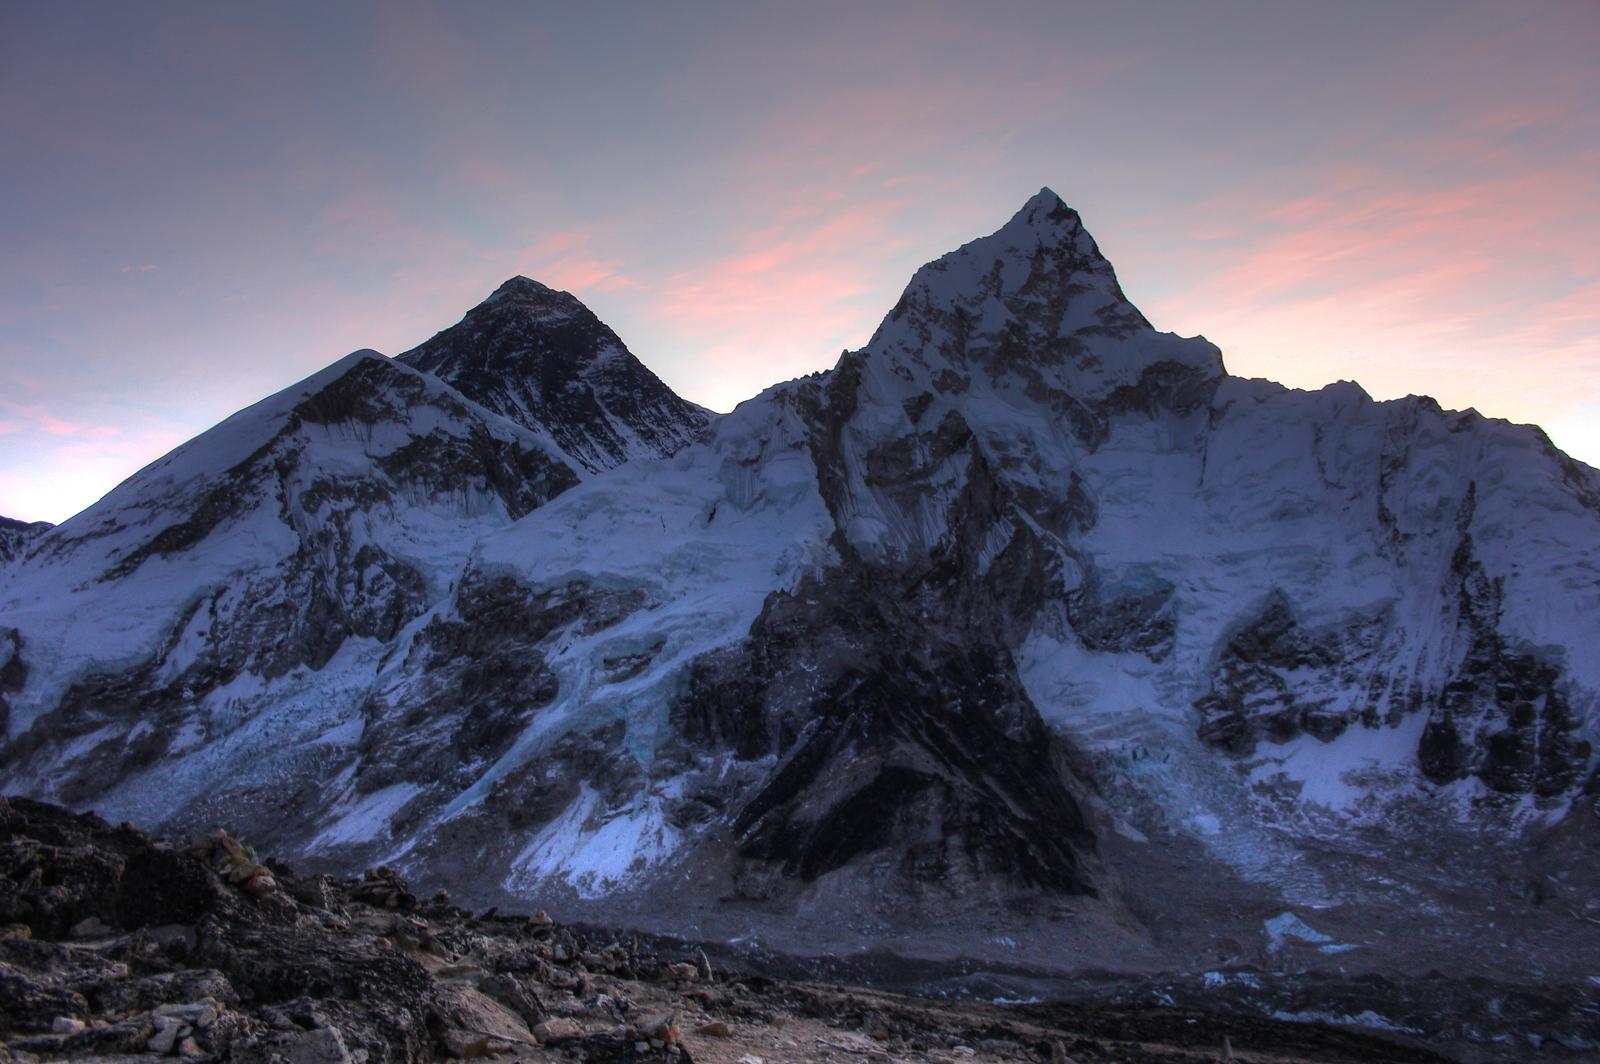 Mount Everest and Nupste Sunrise